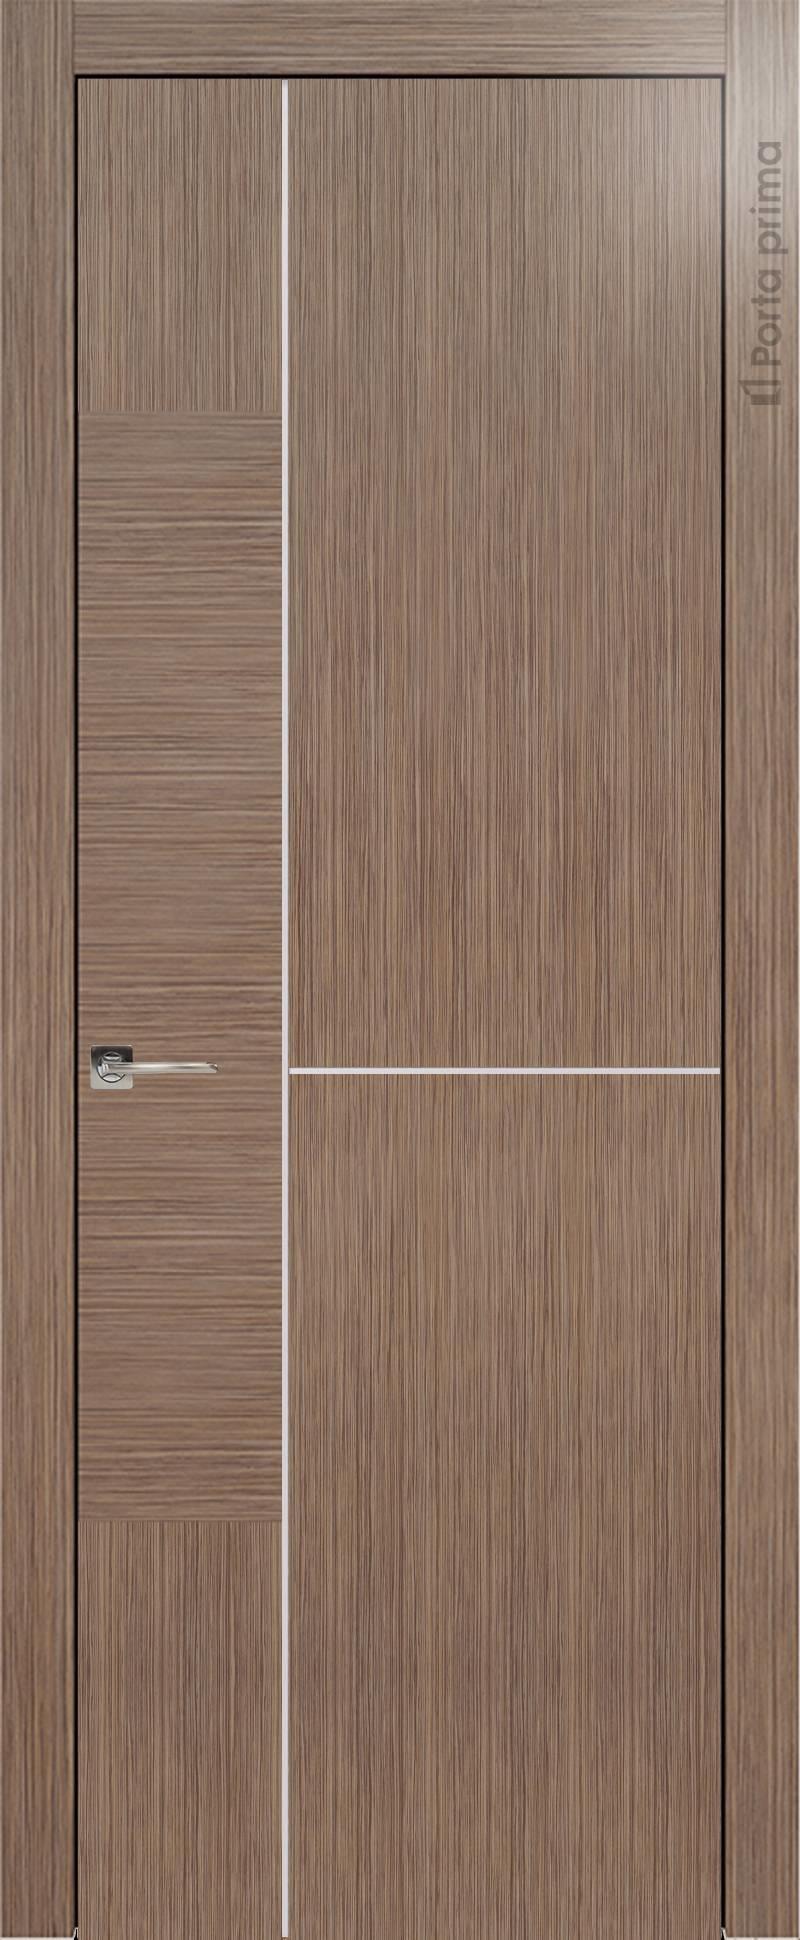 Tivoli Г-1 цвет - Орех Без стекла (ДГ)